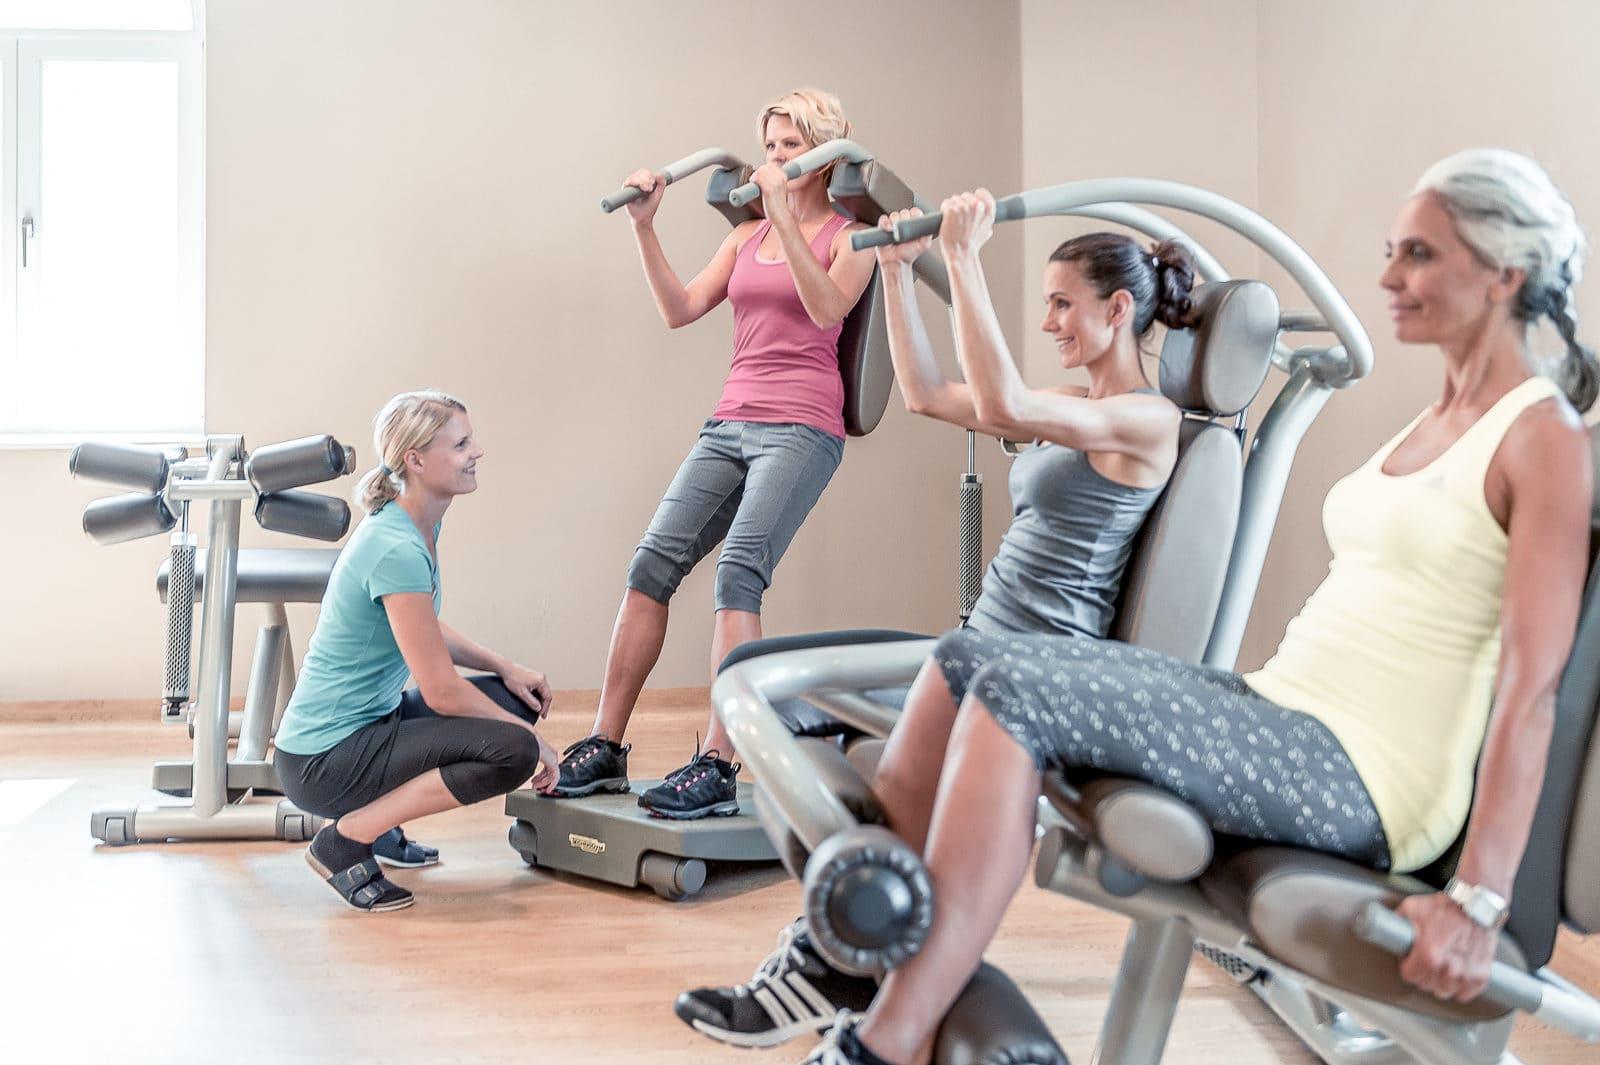 3 Frauen trainieren unter Anleitung an Fitnessgeräten